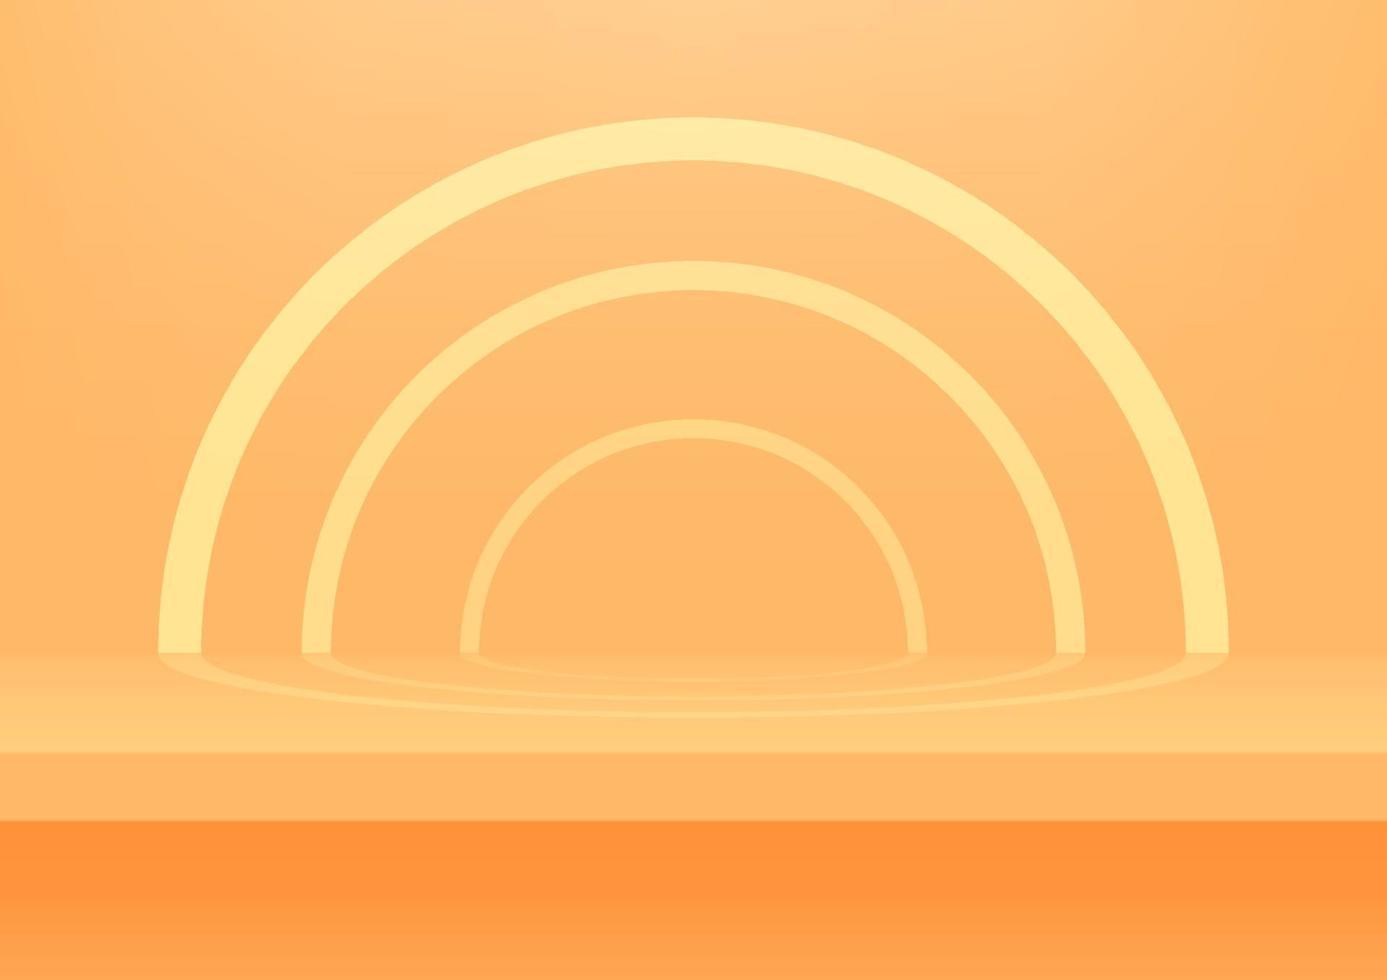 prateleira laranja realista na parede do estúdio. fundo laranja do estúdio vazio para exposição do produto com espaço de cópia. vetor